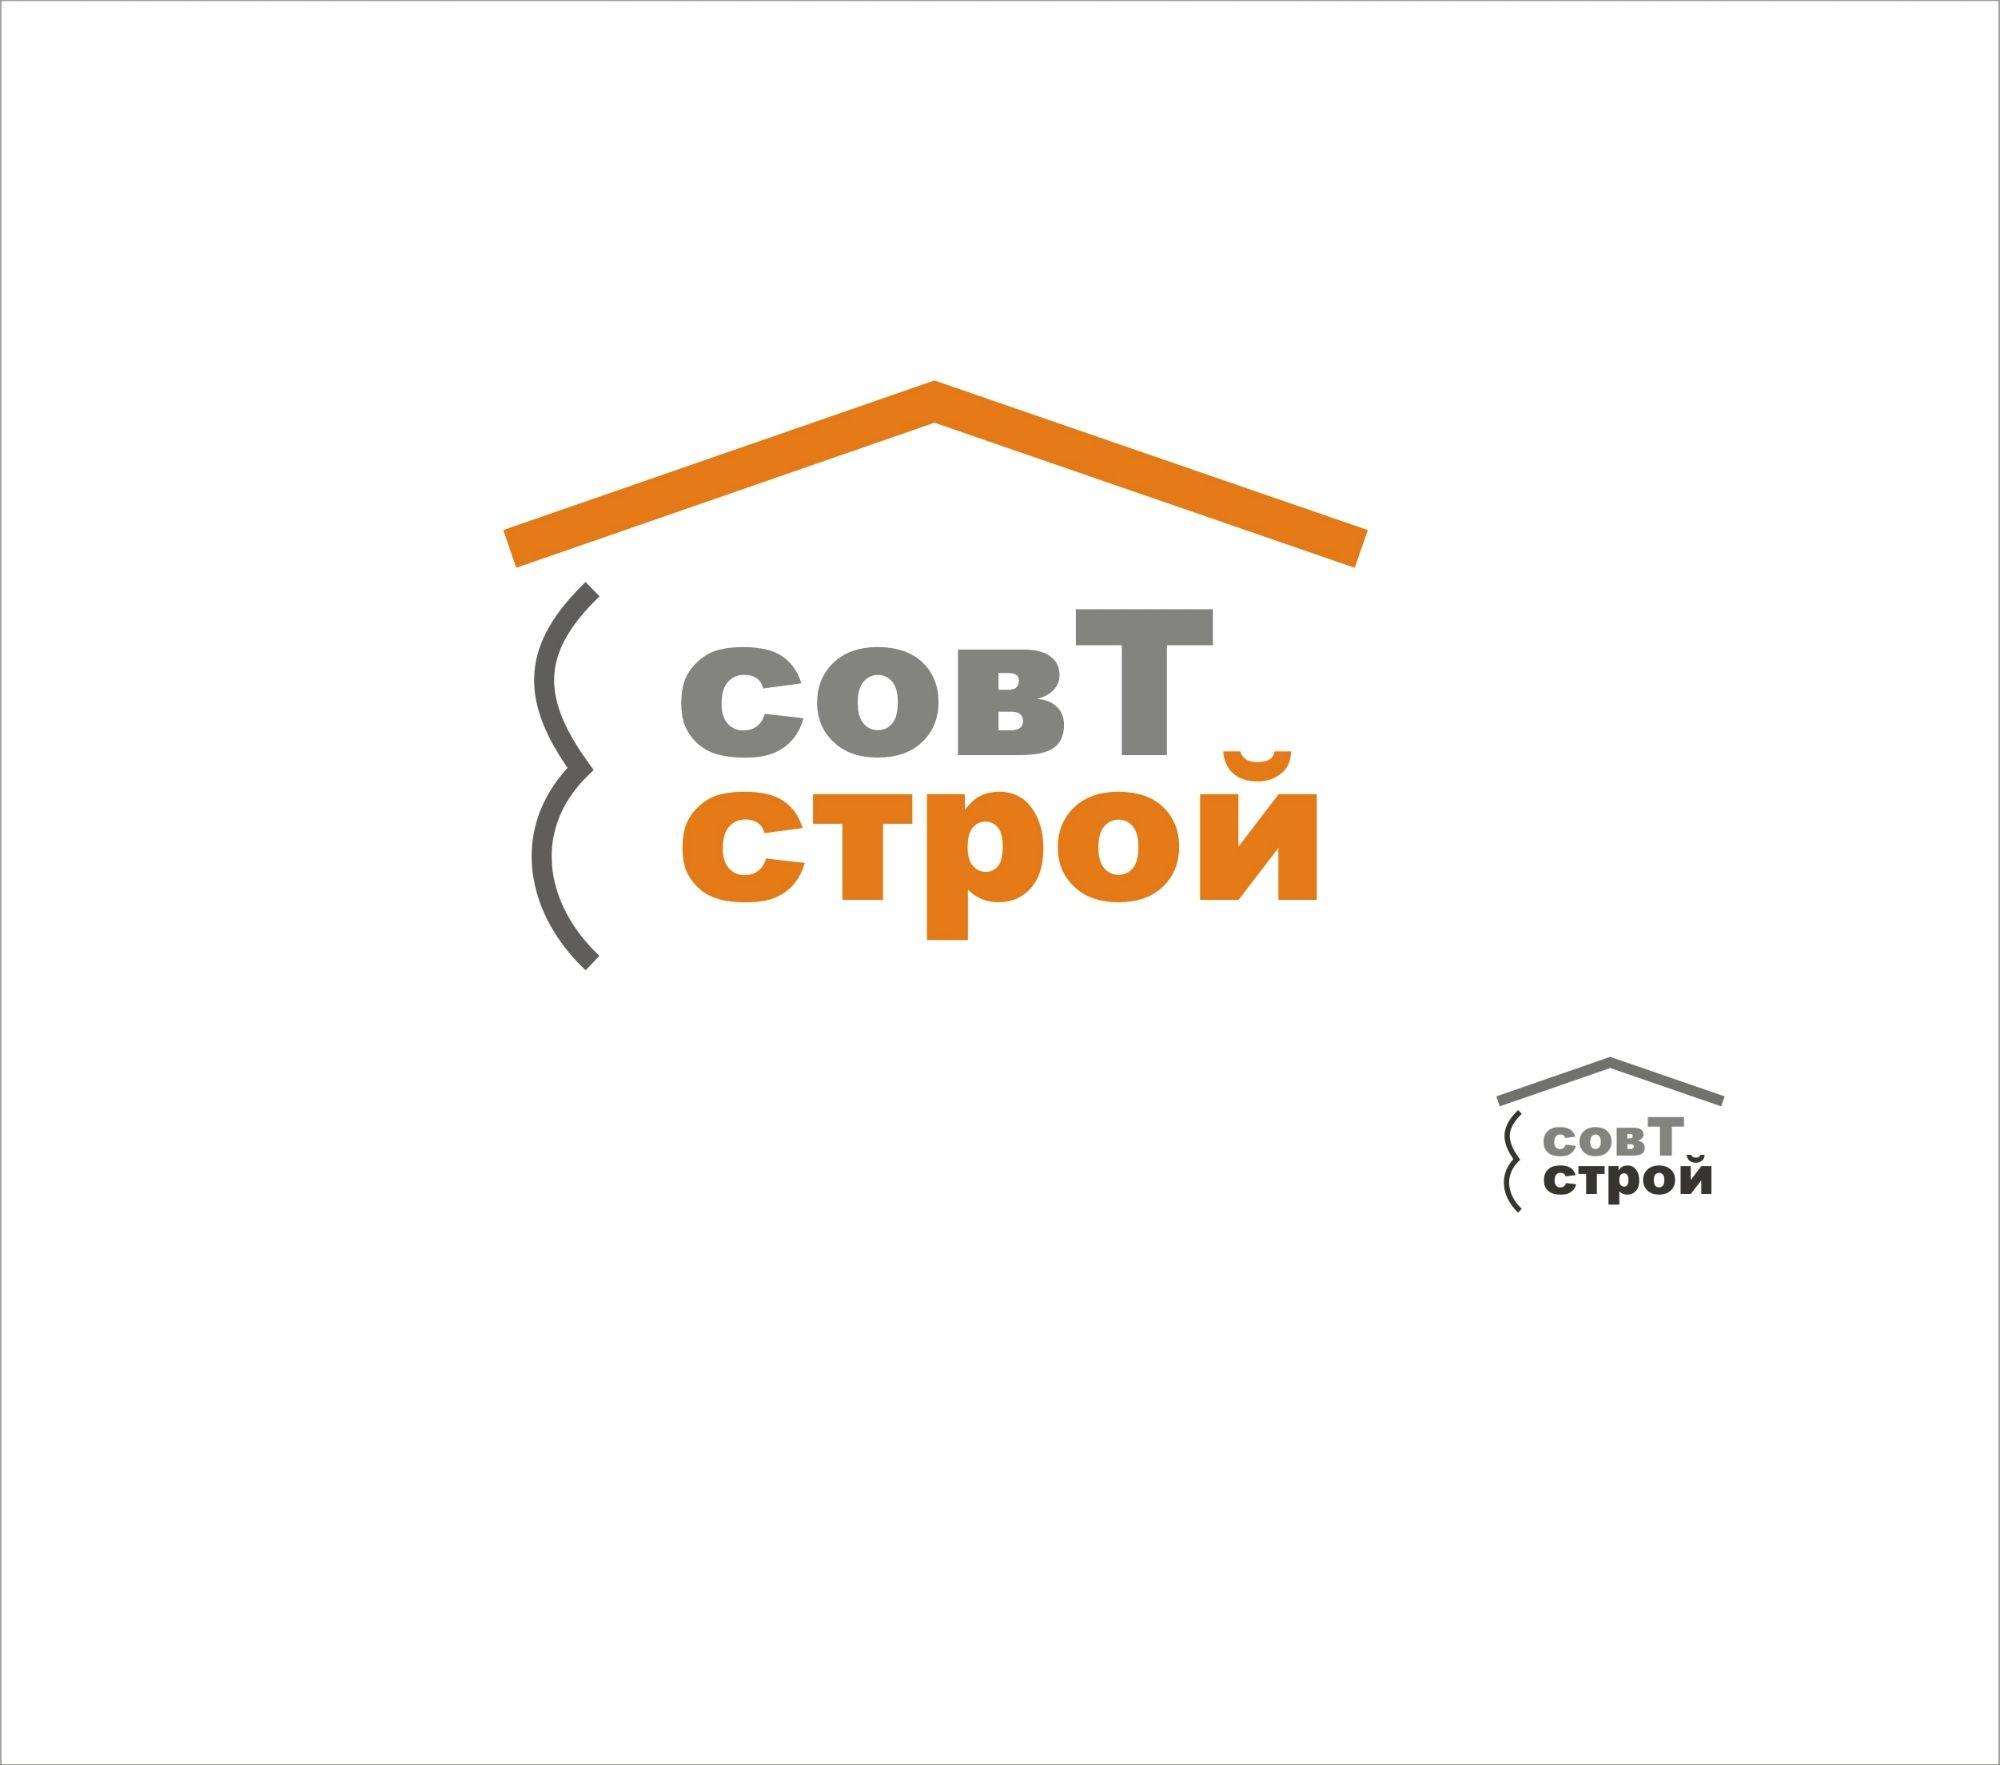 Логотип для поставщика строительных материалов - дизайнер bymiftakhova